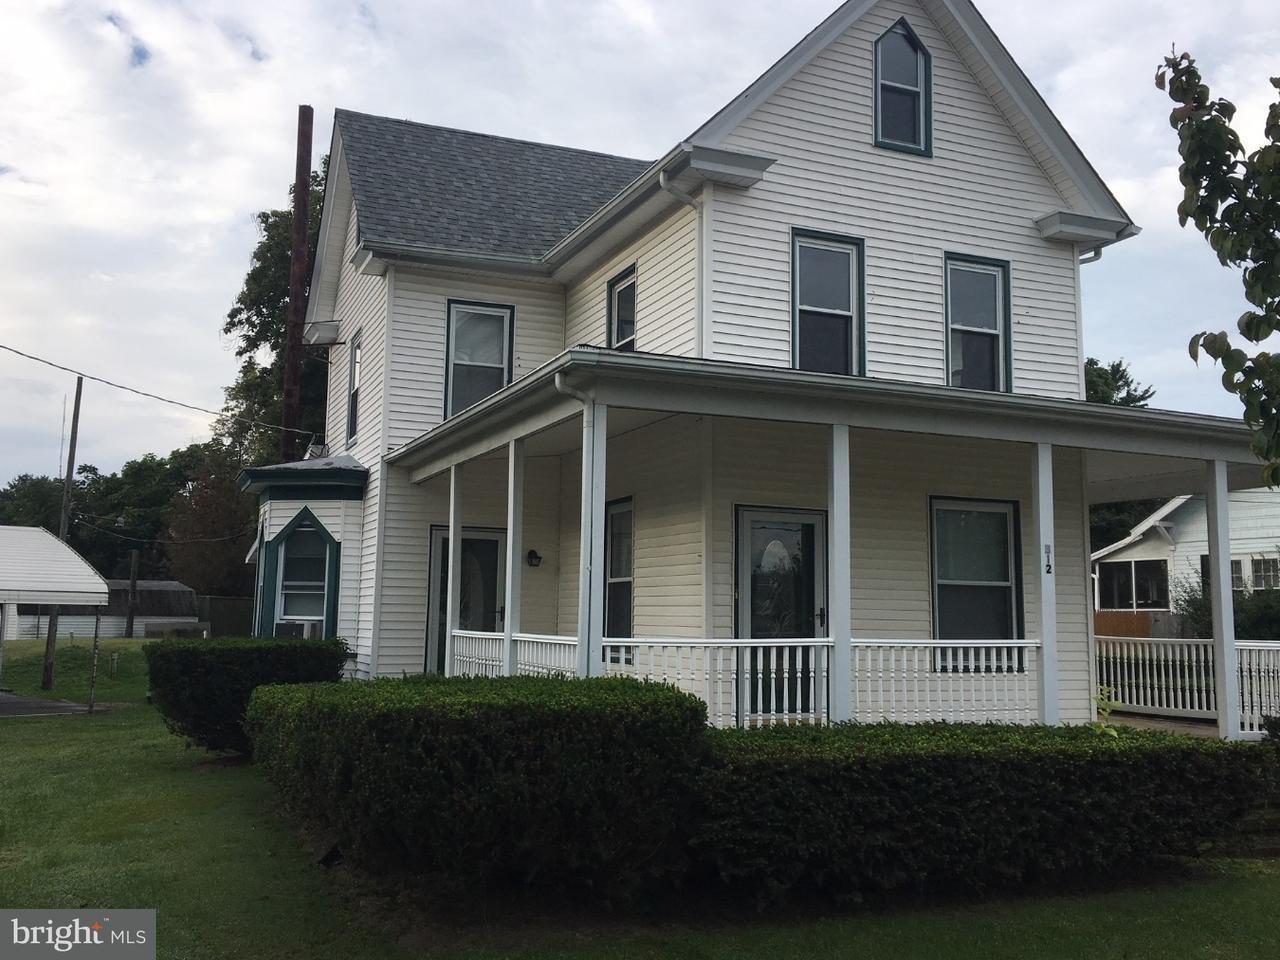 Casa Unifamiliar por un Venta en 312 METHODIST Road Newport, Nueva Jersey 08345 Estados Unidos